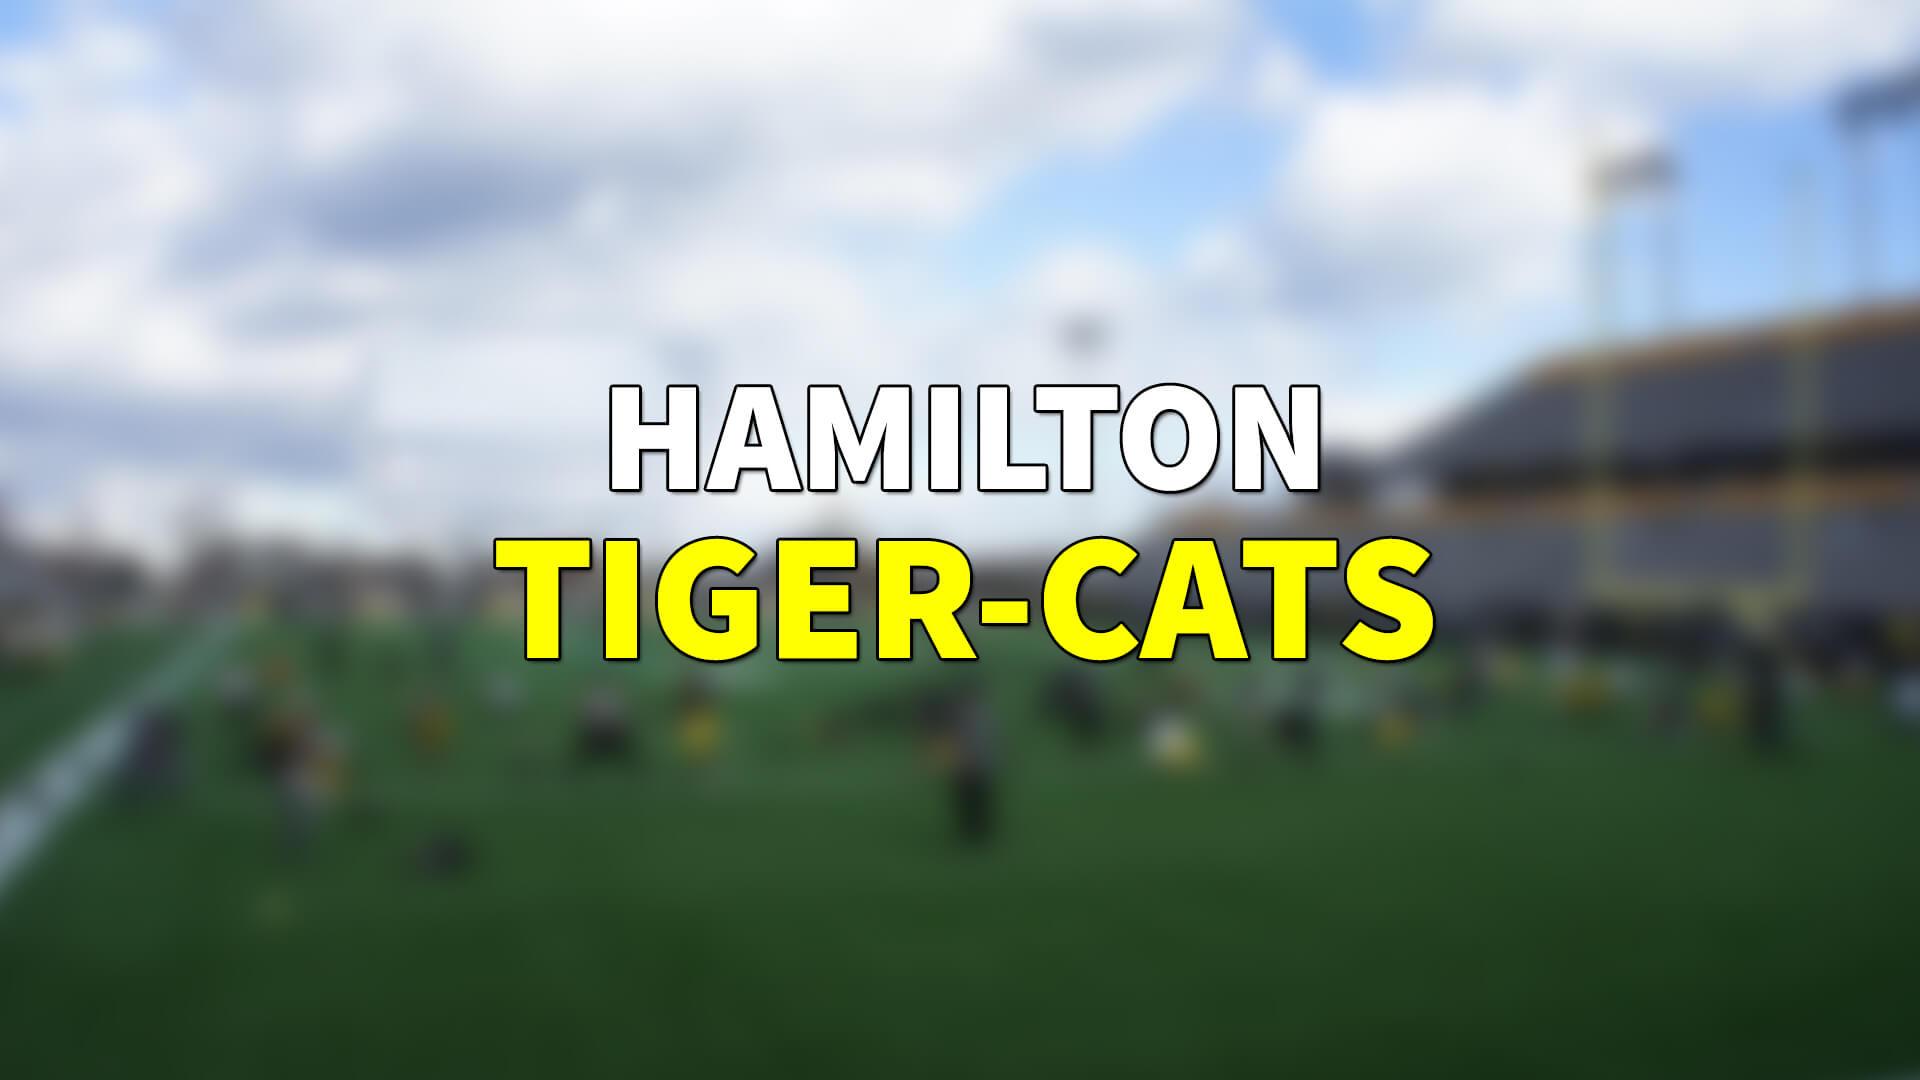 Tiger-Cats Jeremiah Masoli ile Kontratı Uzattı | Korumalı Futbol Türkiye